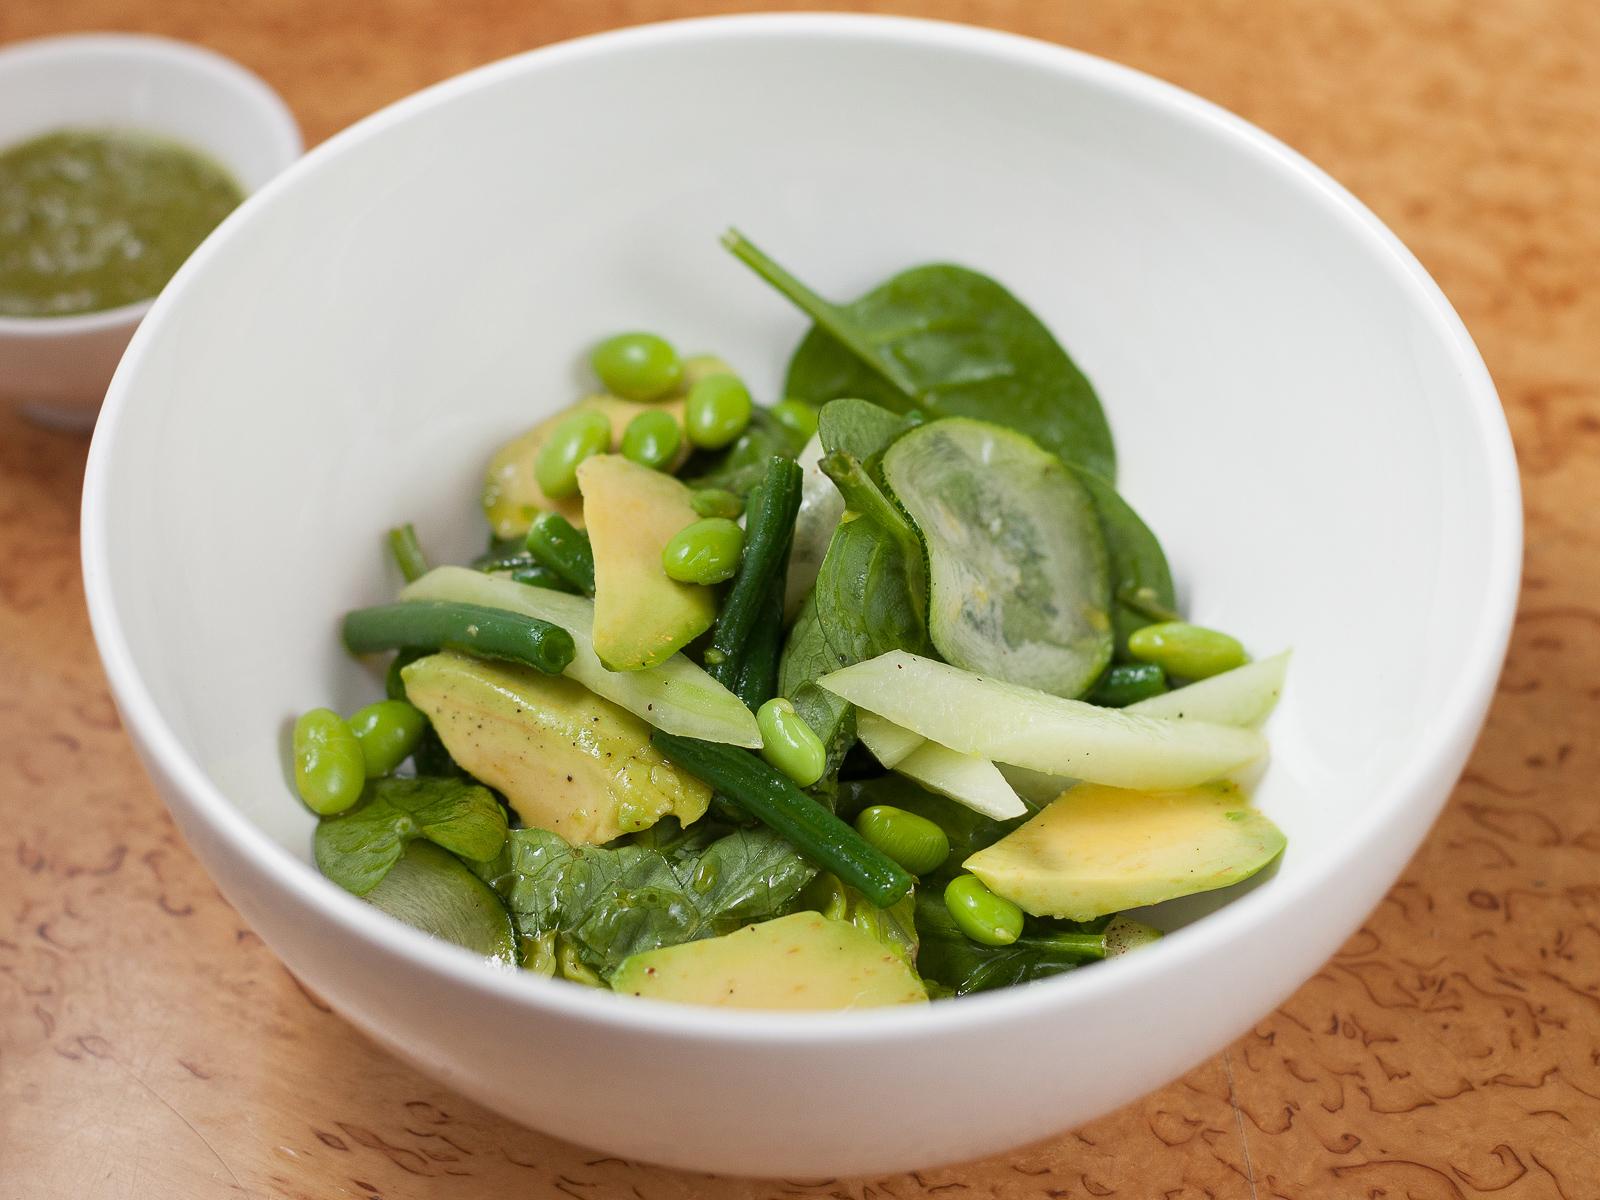 Зеленый салат с авокадо, молодым горошком, бобами эдамаме